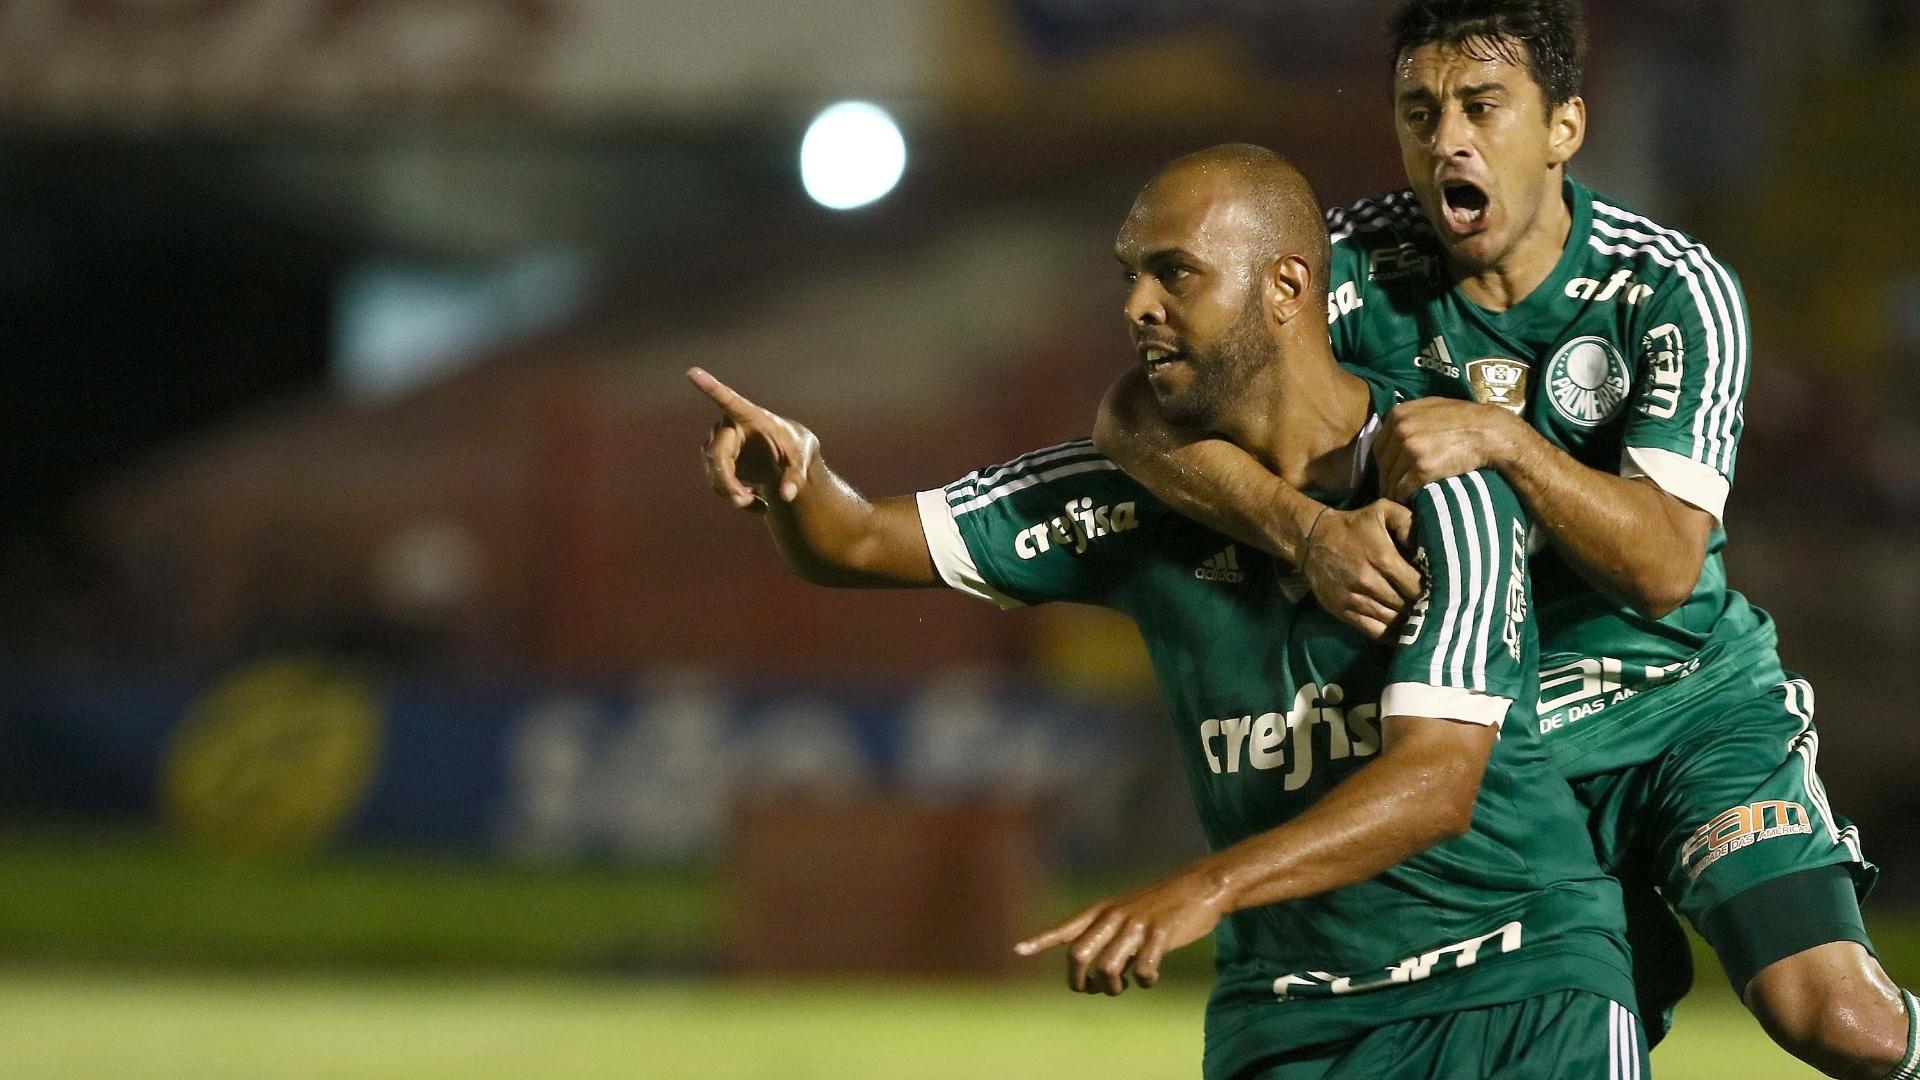 Alecsandro comemora com Robinho após marcar para o Palmeiras, em partida contra o Botafogo-SP, neste domingo (31), pelo Campeonato Paulista